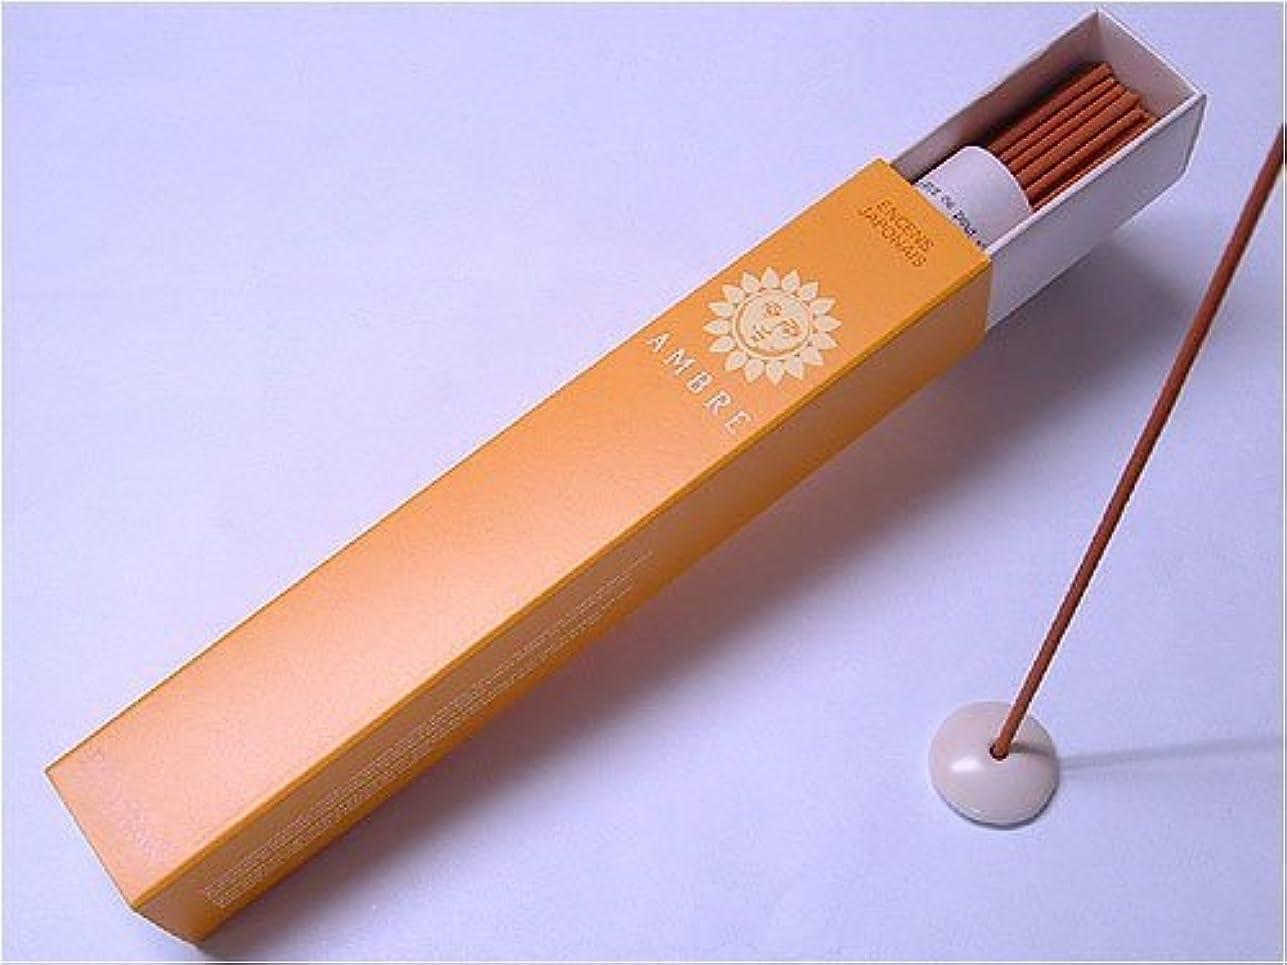 コーン素朴なプレゼンESTEBAN(エステバン) style primrose bordier スティック 40本入 「アンバー -AMBRE-」 4902125989924